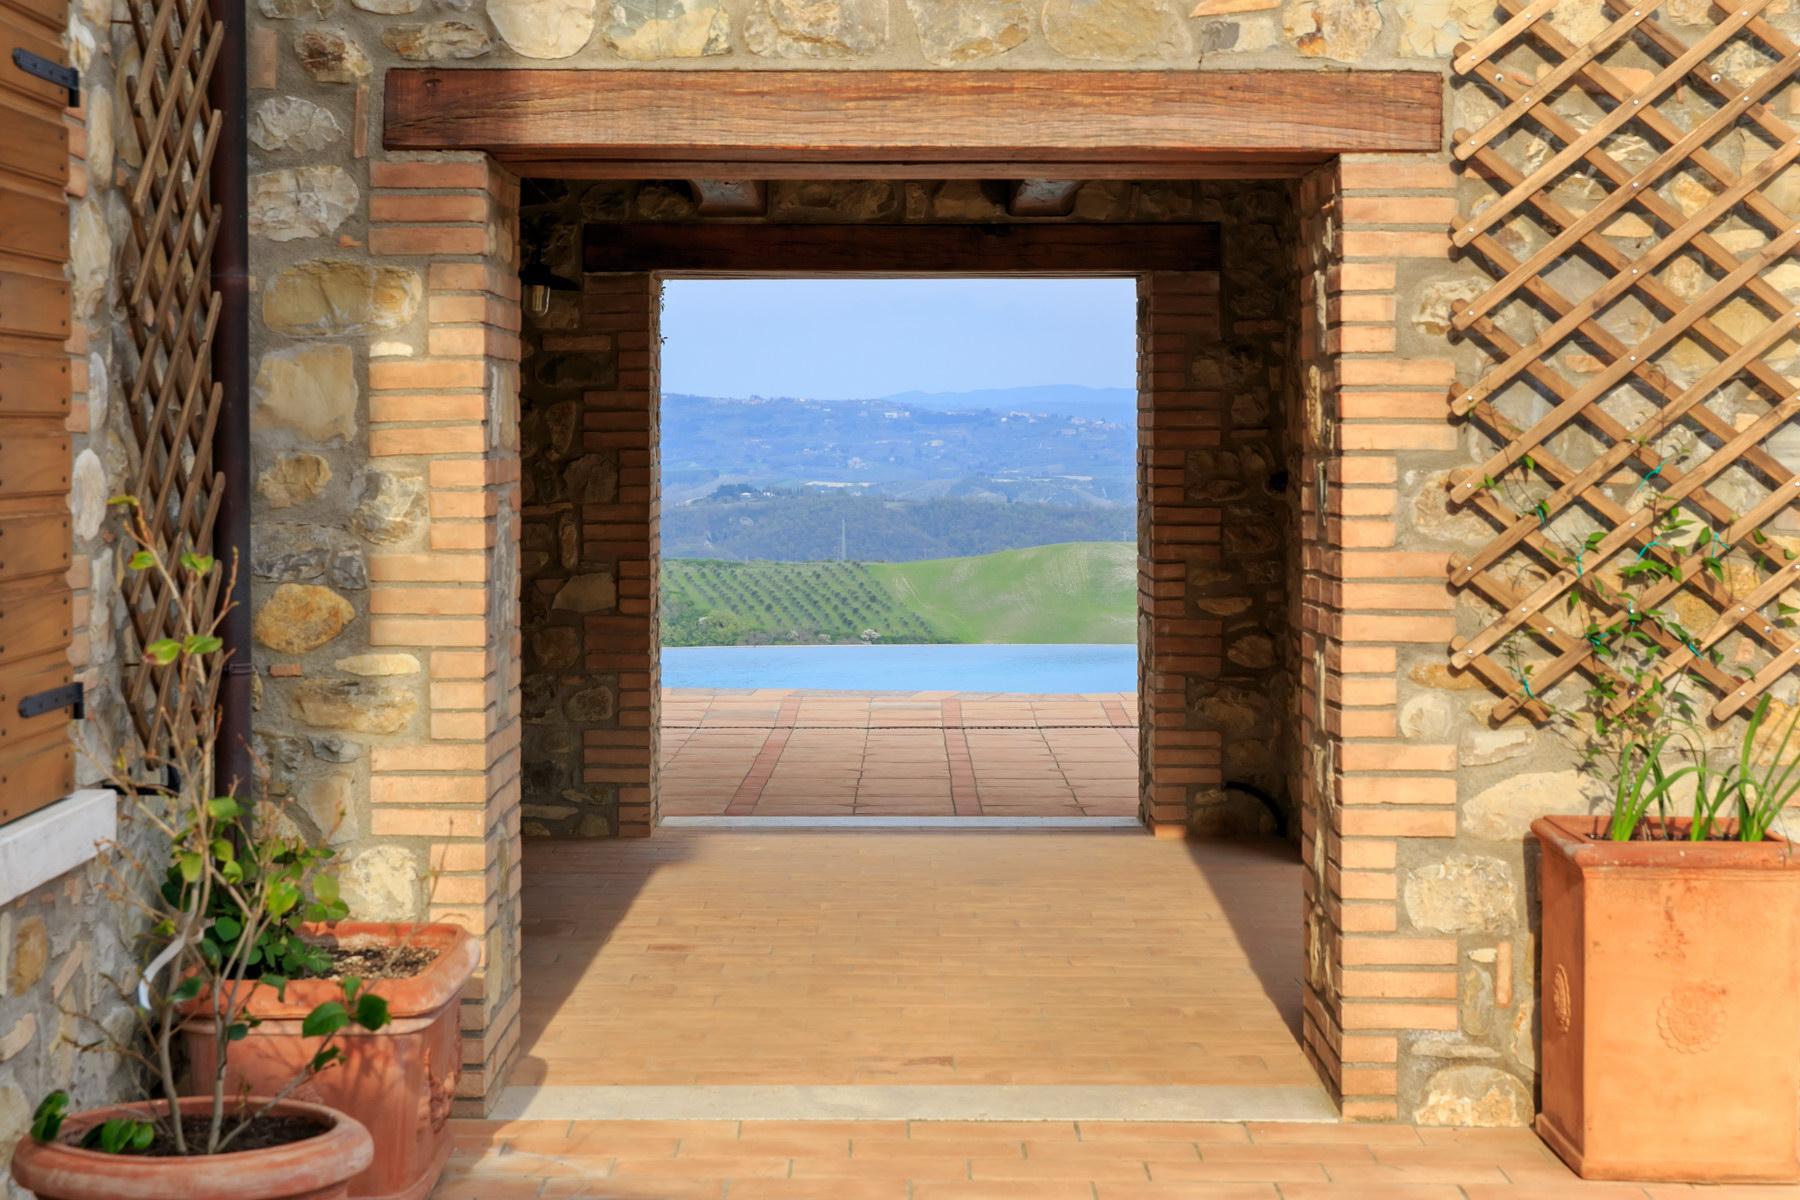 Wunderschönes Anwesen auf den Hügeln von Umbrien - 16